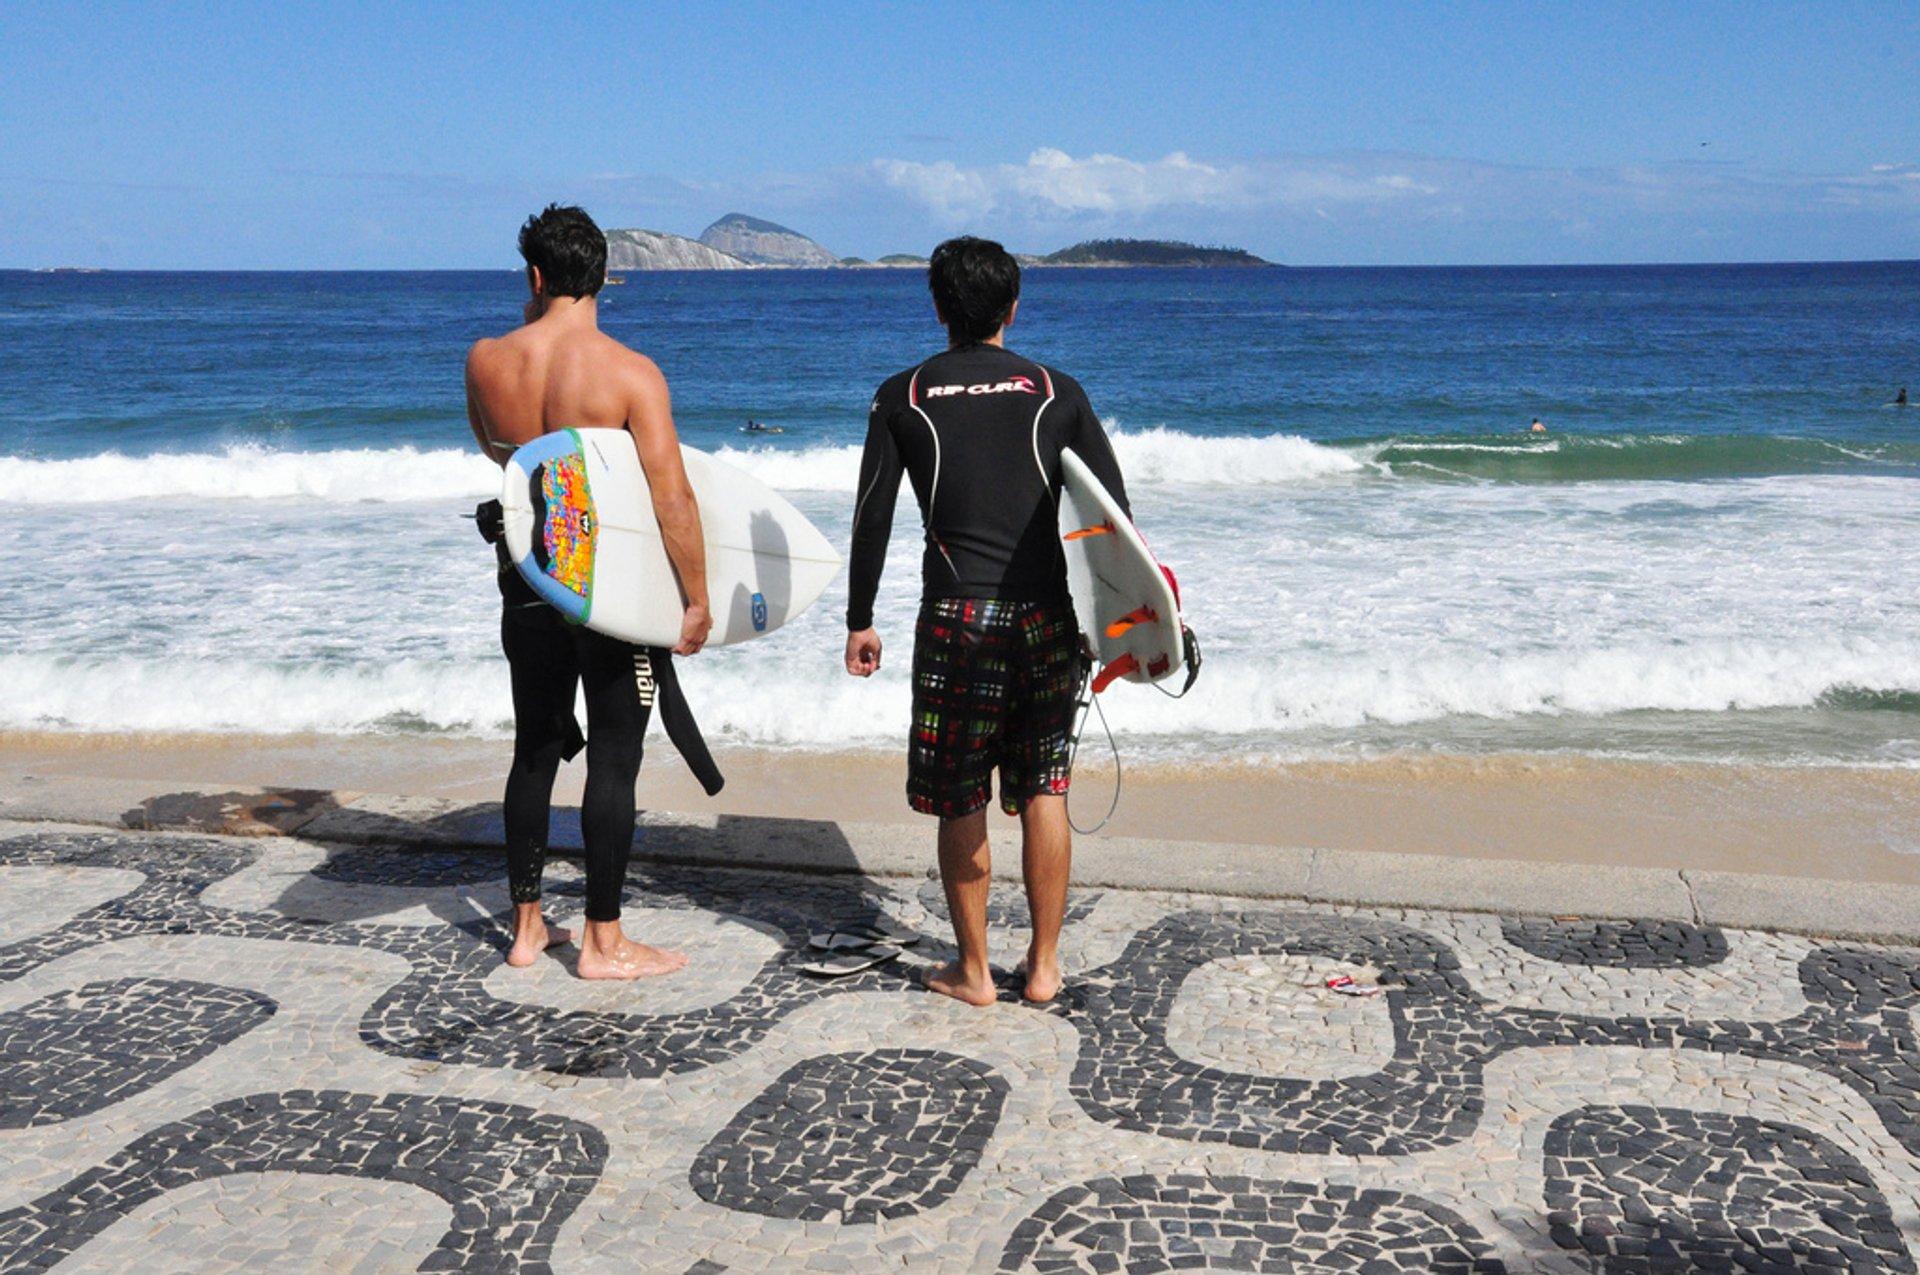 Surfing in Rio de Janeiro - Best Season 2020